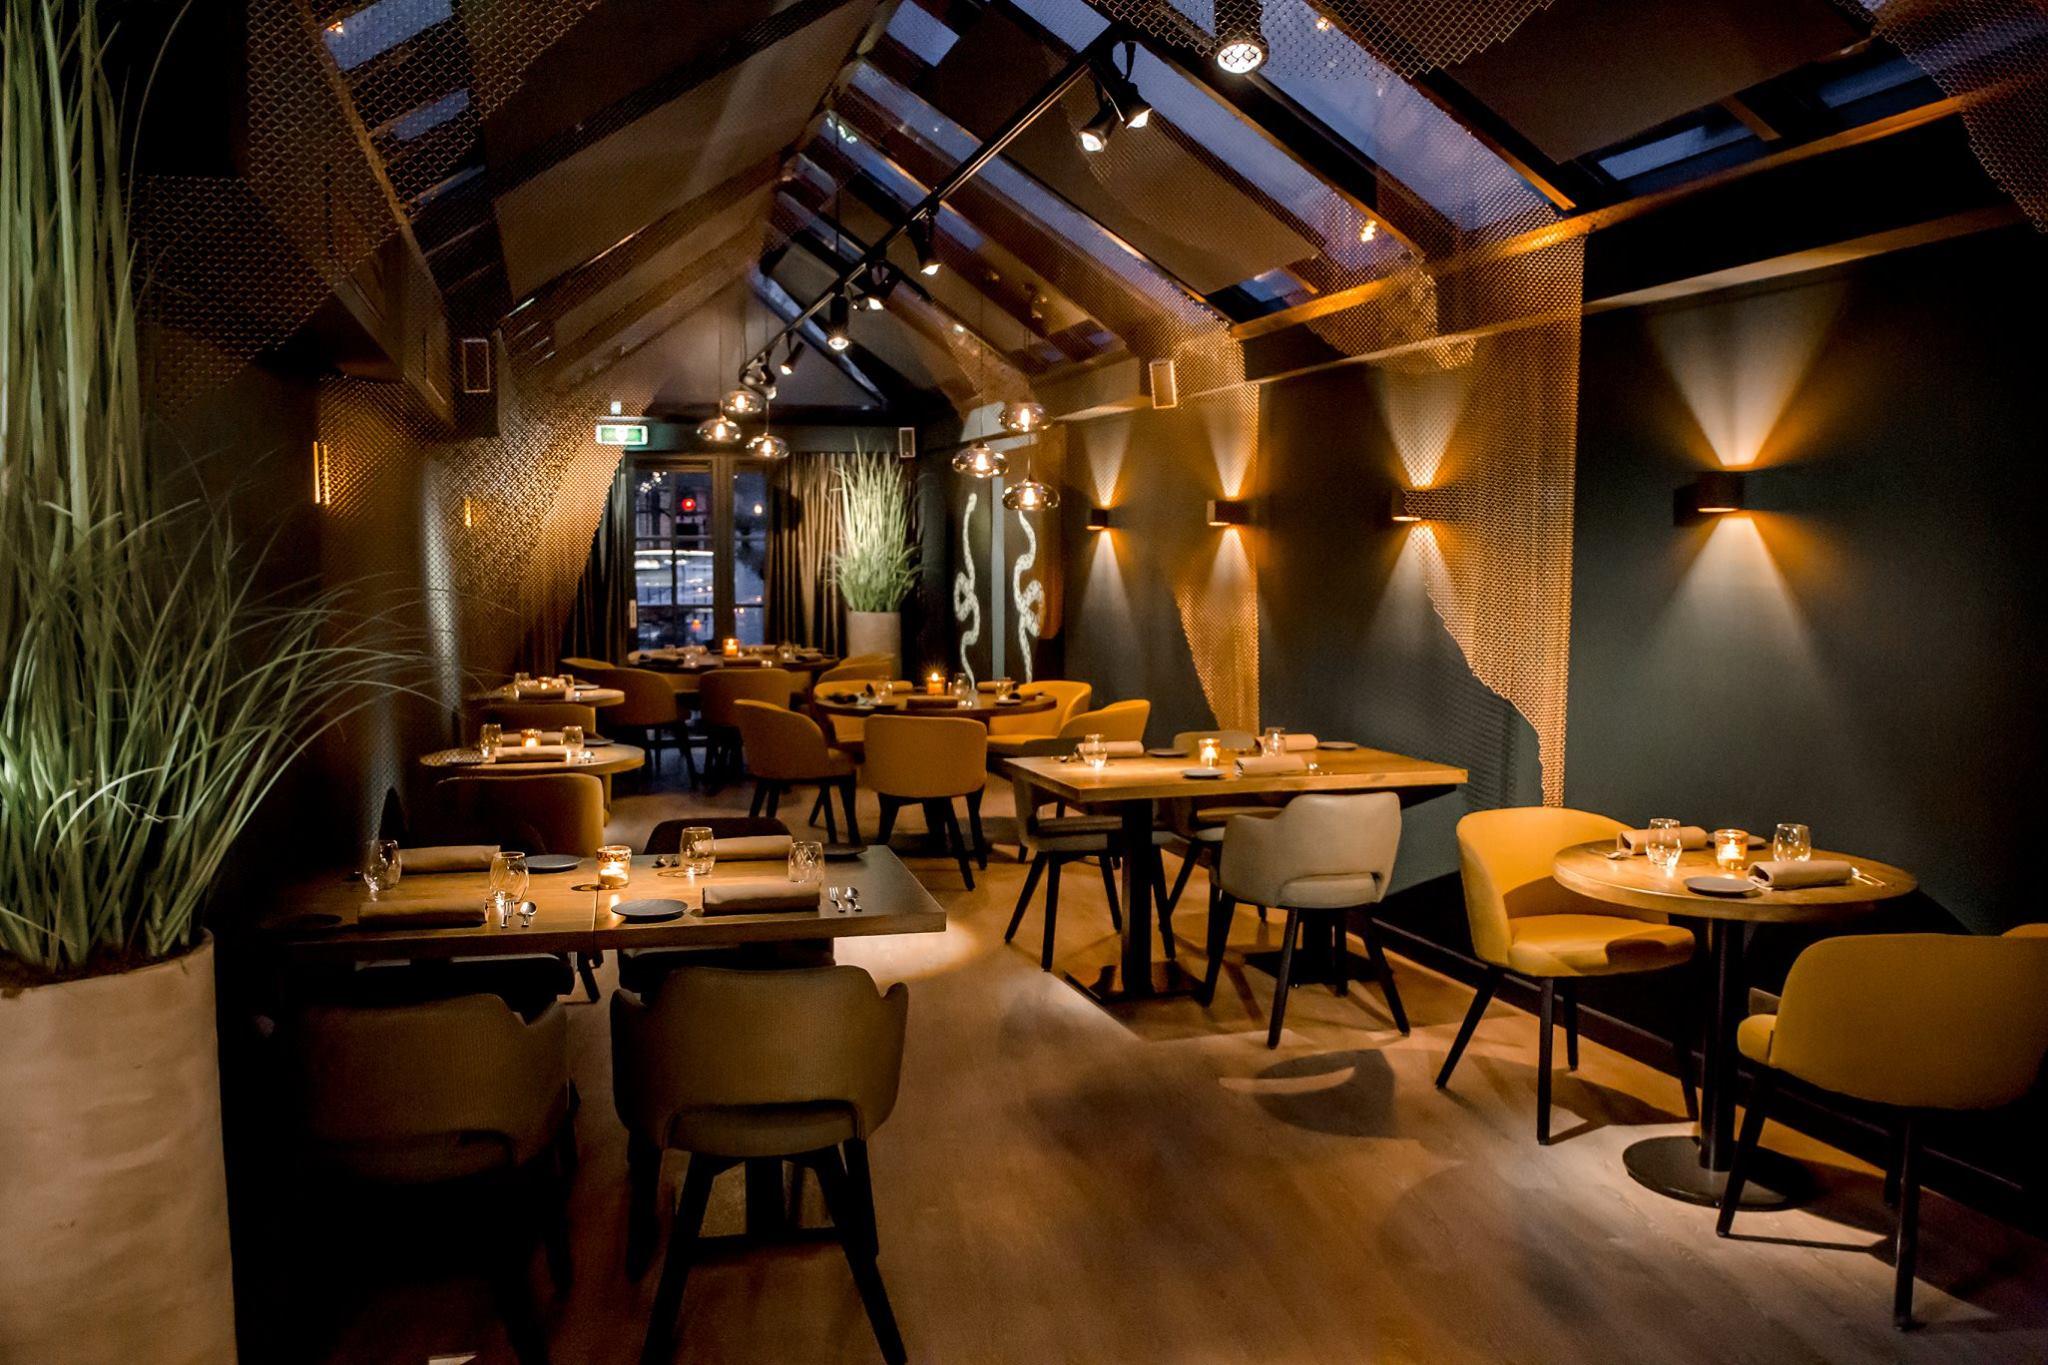 Afbeelding van restaurant EDEN in Valkenswaard 3